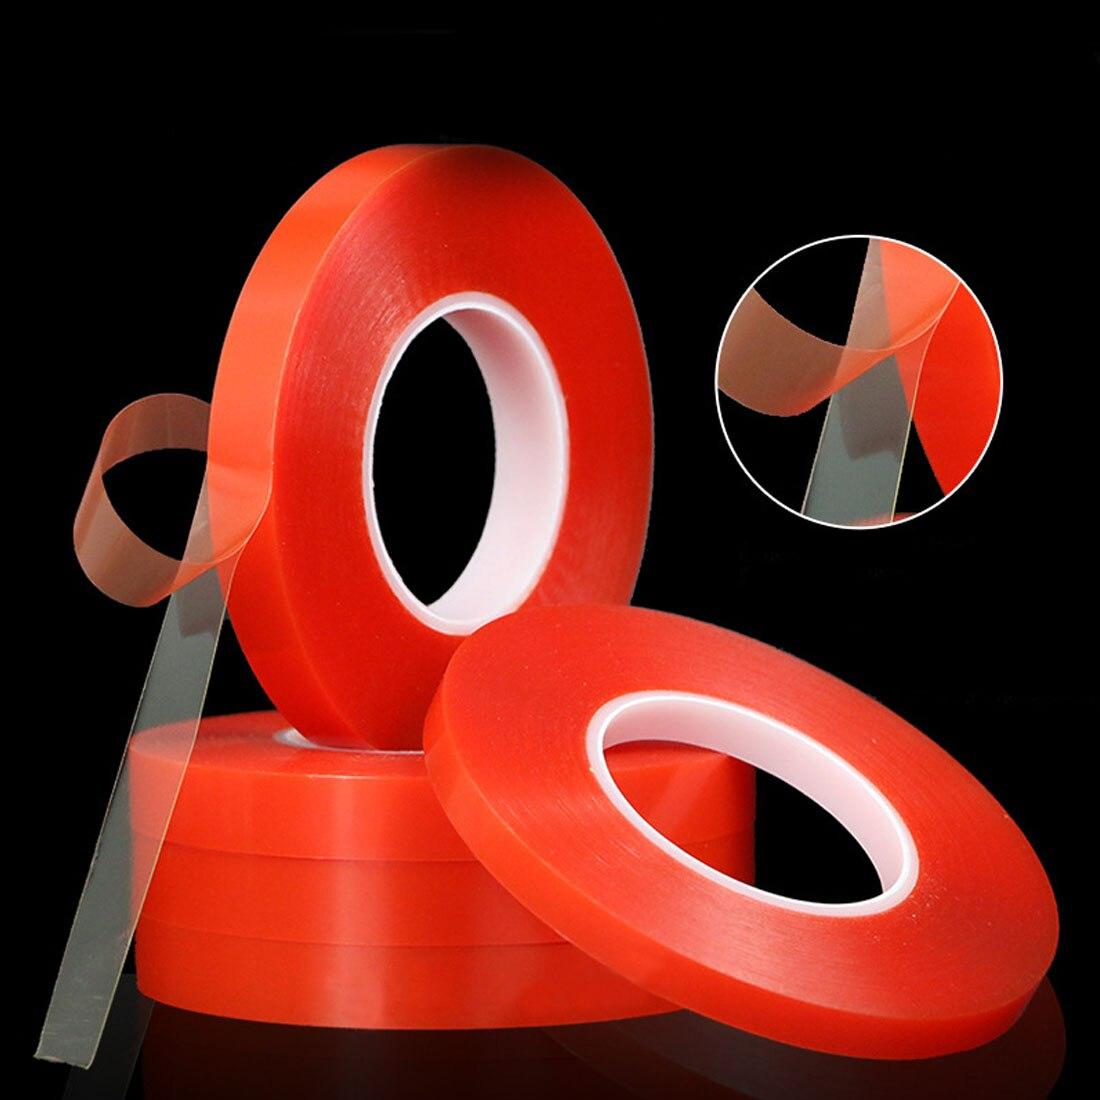 Nouveau Ruban Adhésif Double Face 5mm 50 m Forte Adhésif Acrylique Rouge Film Autocollant pour Téléphone Portable LCD Panneau réparation D'écran d'affichage